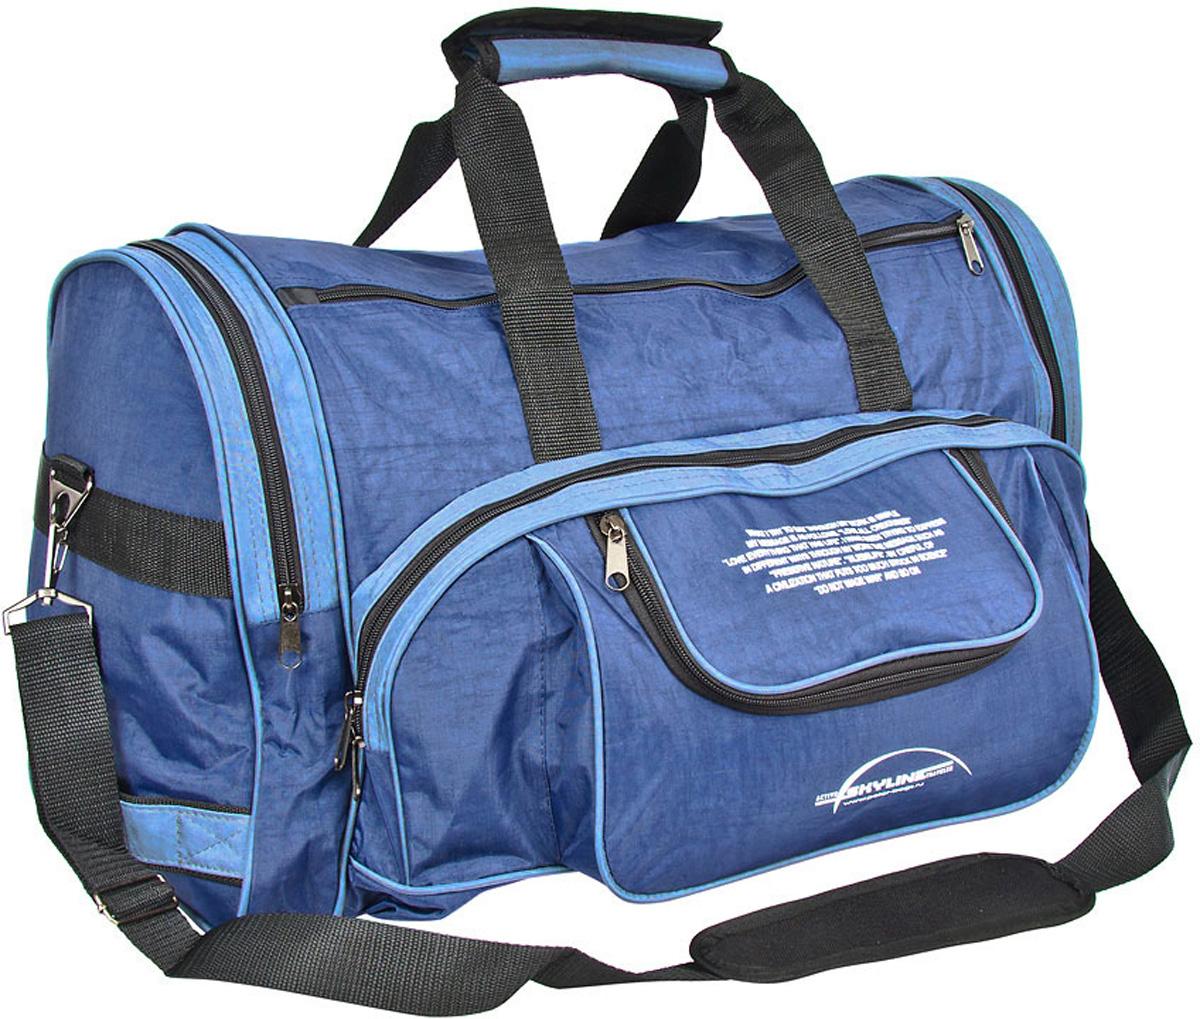 Сумка спортивная Polar Тревел, цвет: синий, голубой, 44,5 л. 60666066Спортивная сумка Polar выполнена из полиэстера с водоотталкивающей пропиткой. Сумка имеет одно большое отделение. На лицевой стороне и по бокам сумки расположеныкарманы на молнии. Изделиеоснащено двумя удобными текстильными ручками и съемным плечевым ремнем.